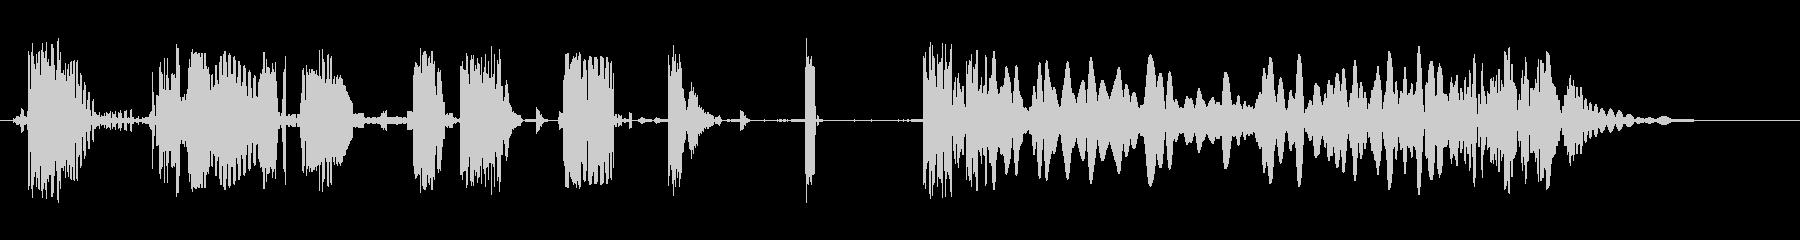 ホイップ静的スワイプ3の未再生の波形